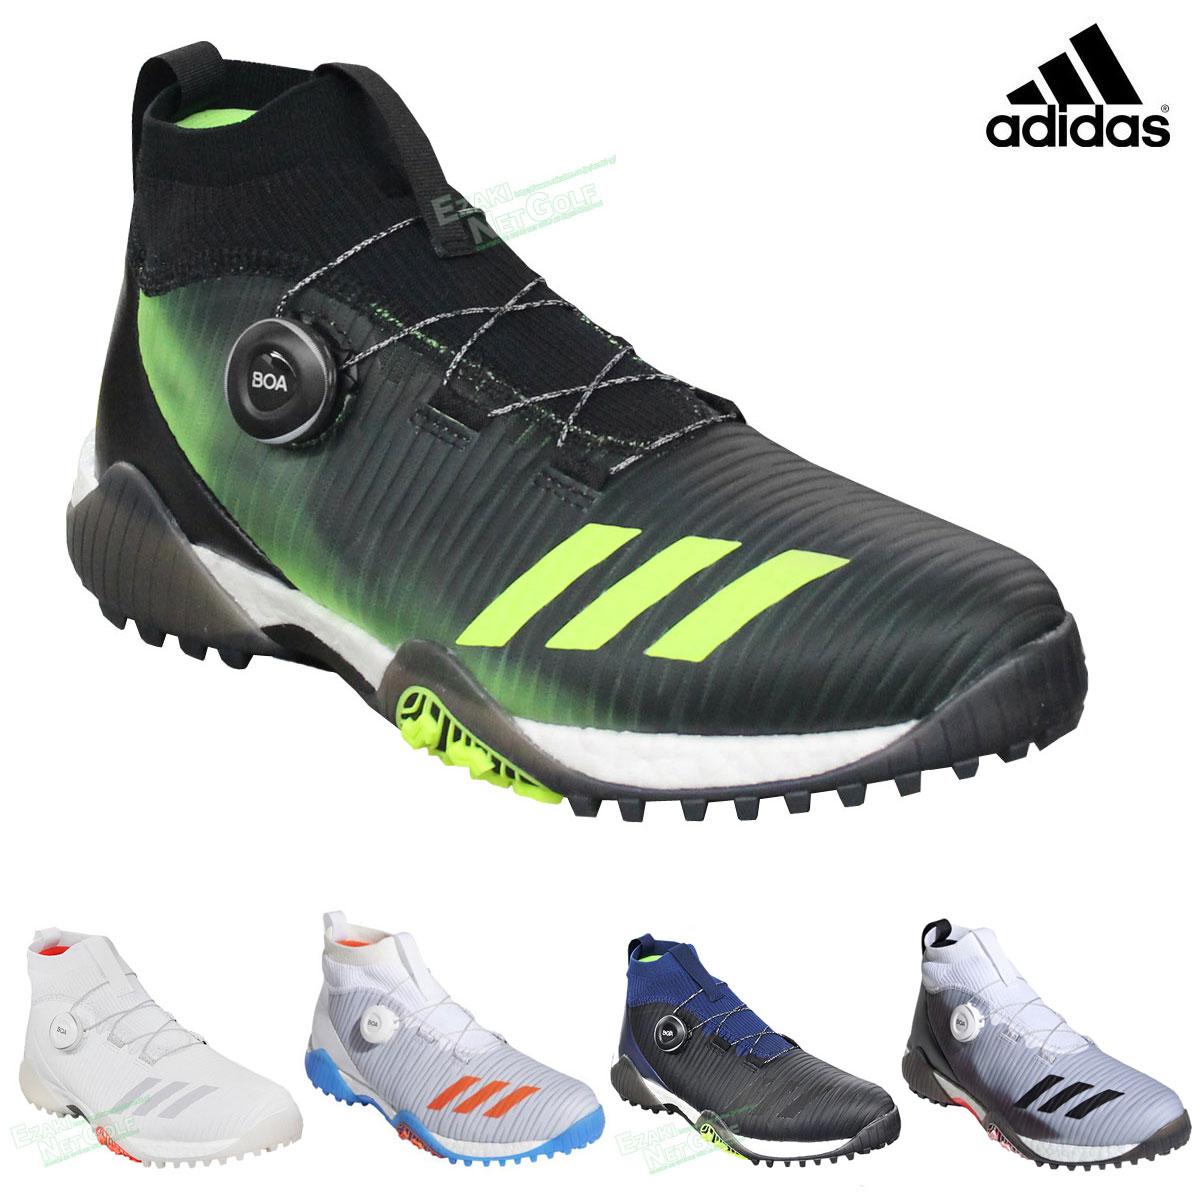 【【最大3300円OFFクーポン】】adidas Golf(アディダスゴルフ)日本正規品 CODECHAOS BOA (コードカオスボア) スパイクレスゴルフシューズ 2020新製品 「EPC16」 【あす楽対応】